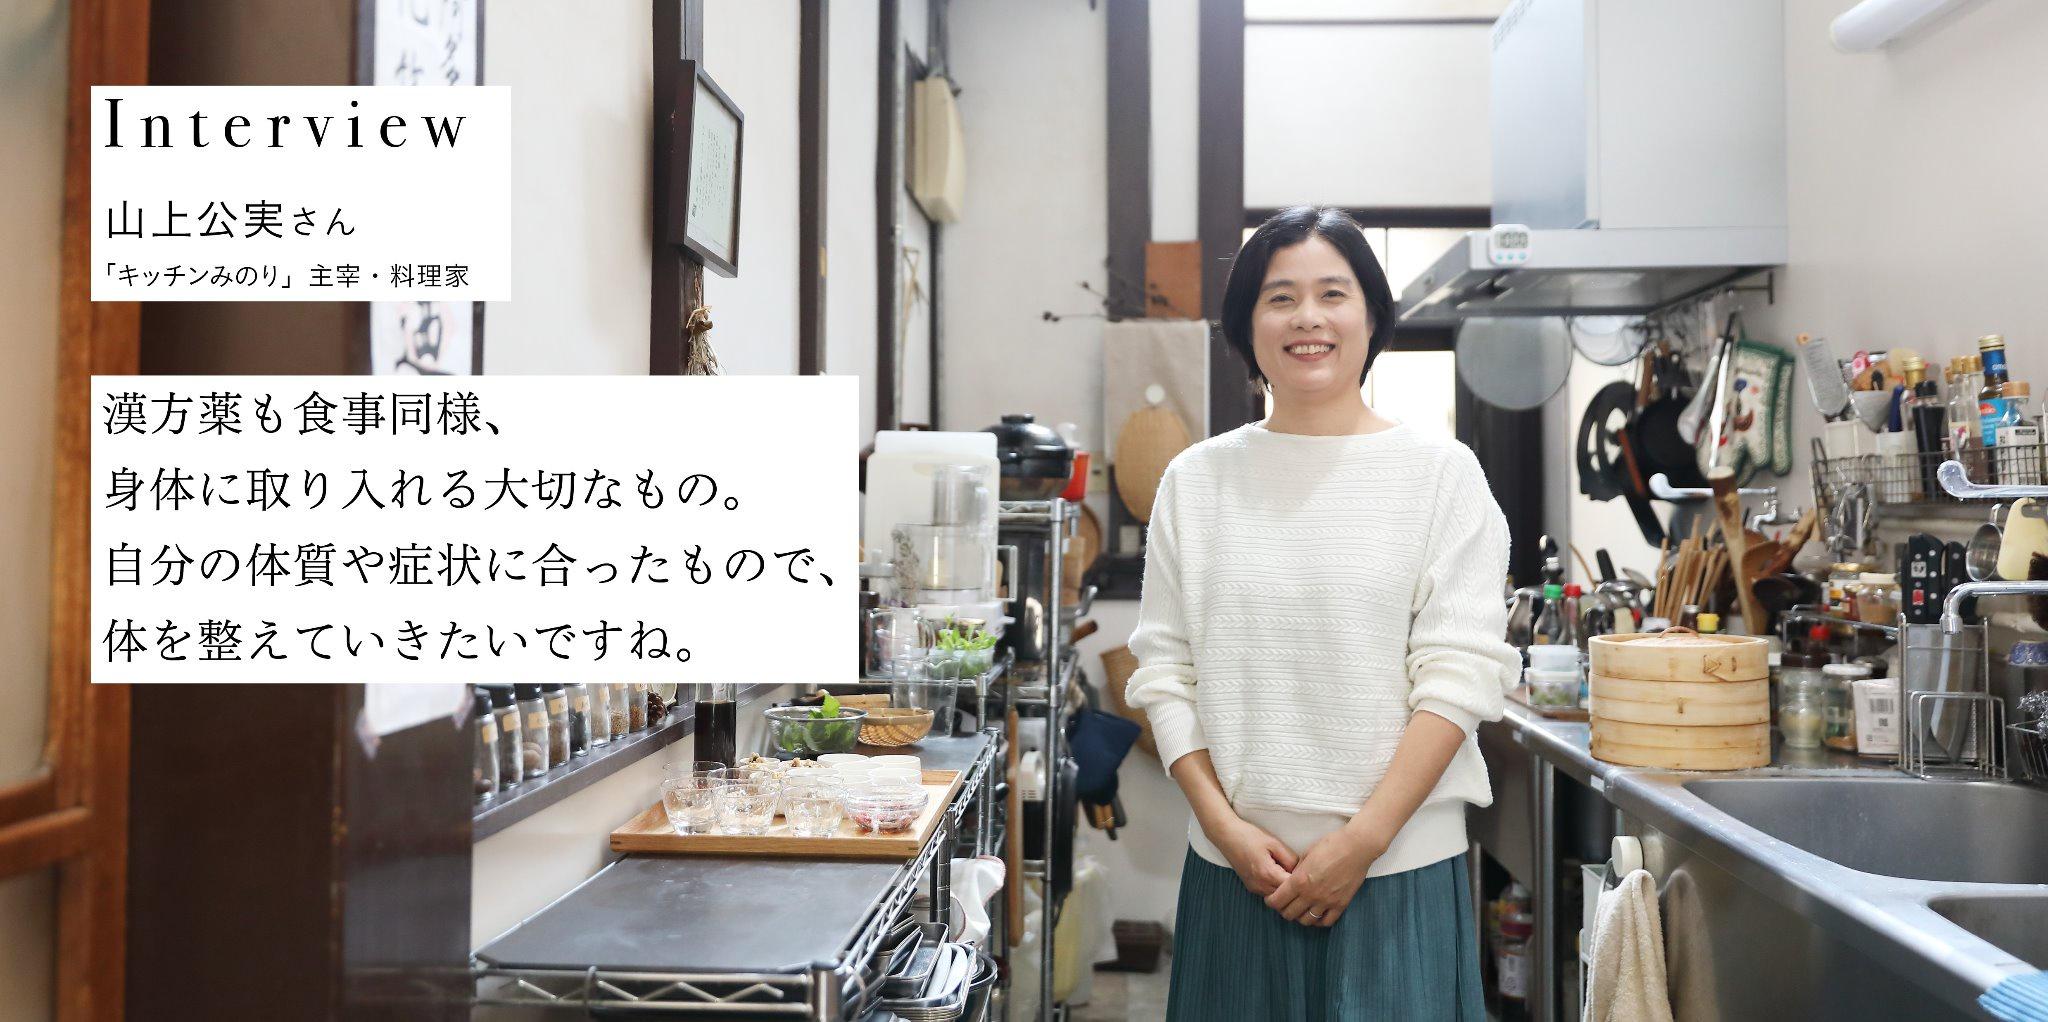 「キッチンみのり」主宰 料理家 山上公実さんに健康の秘訣を伺いました!【後編】